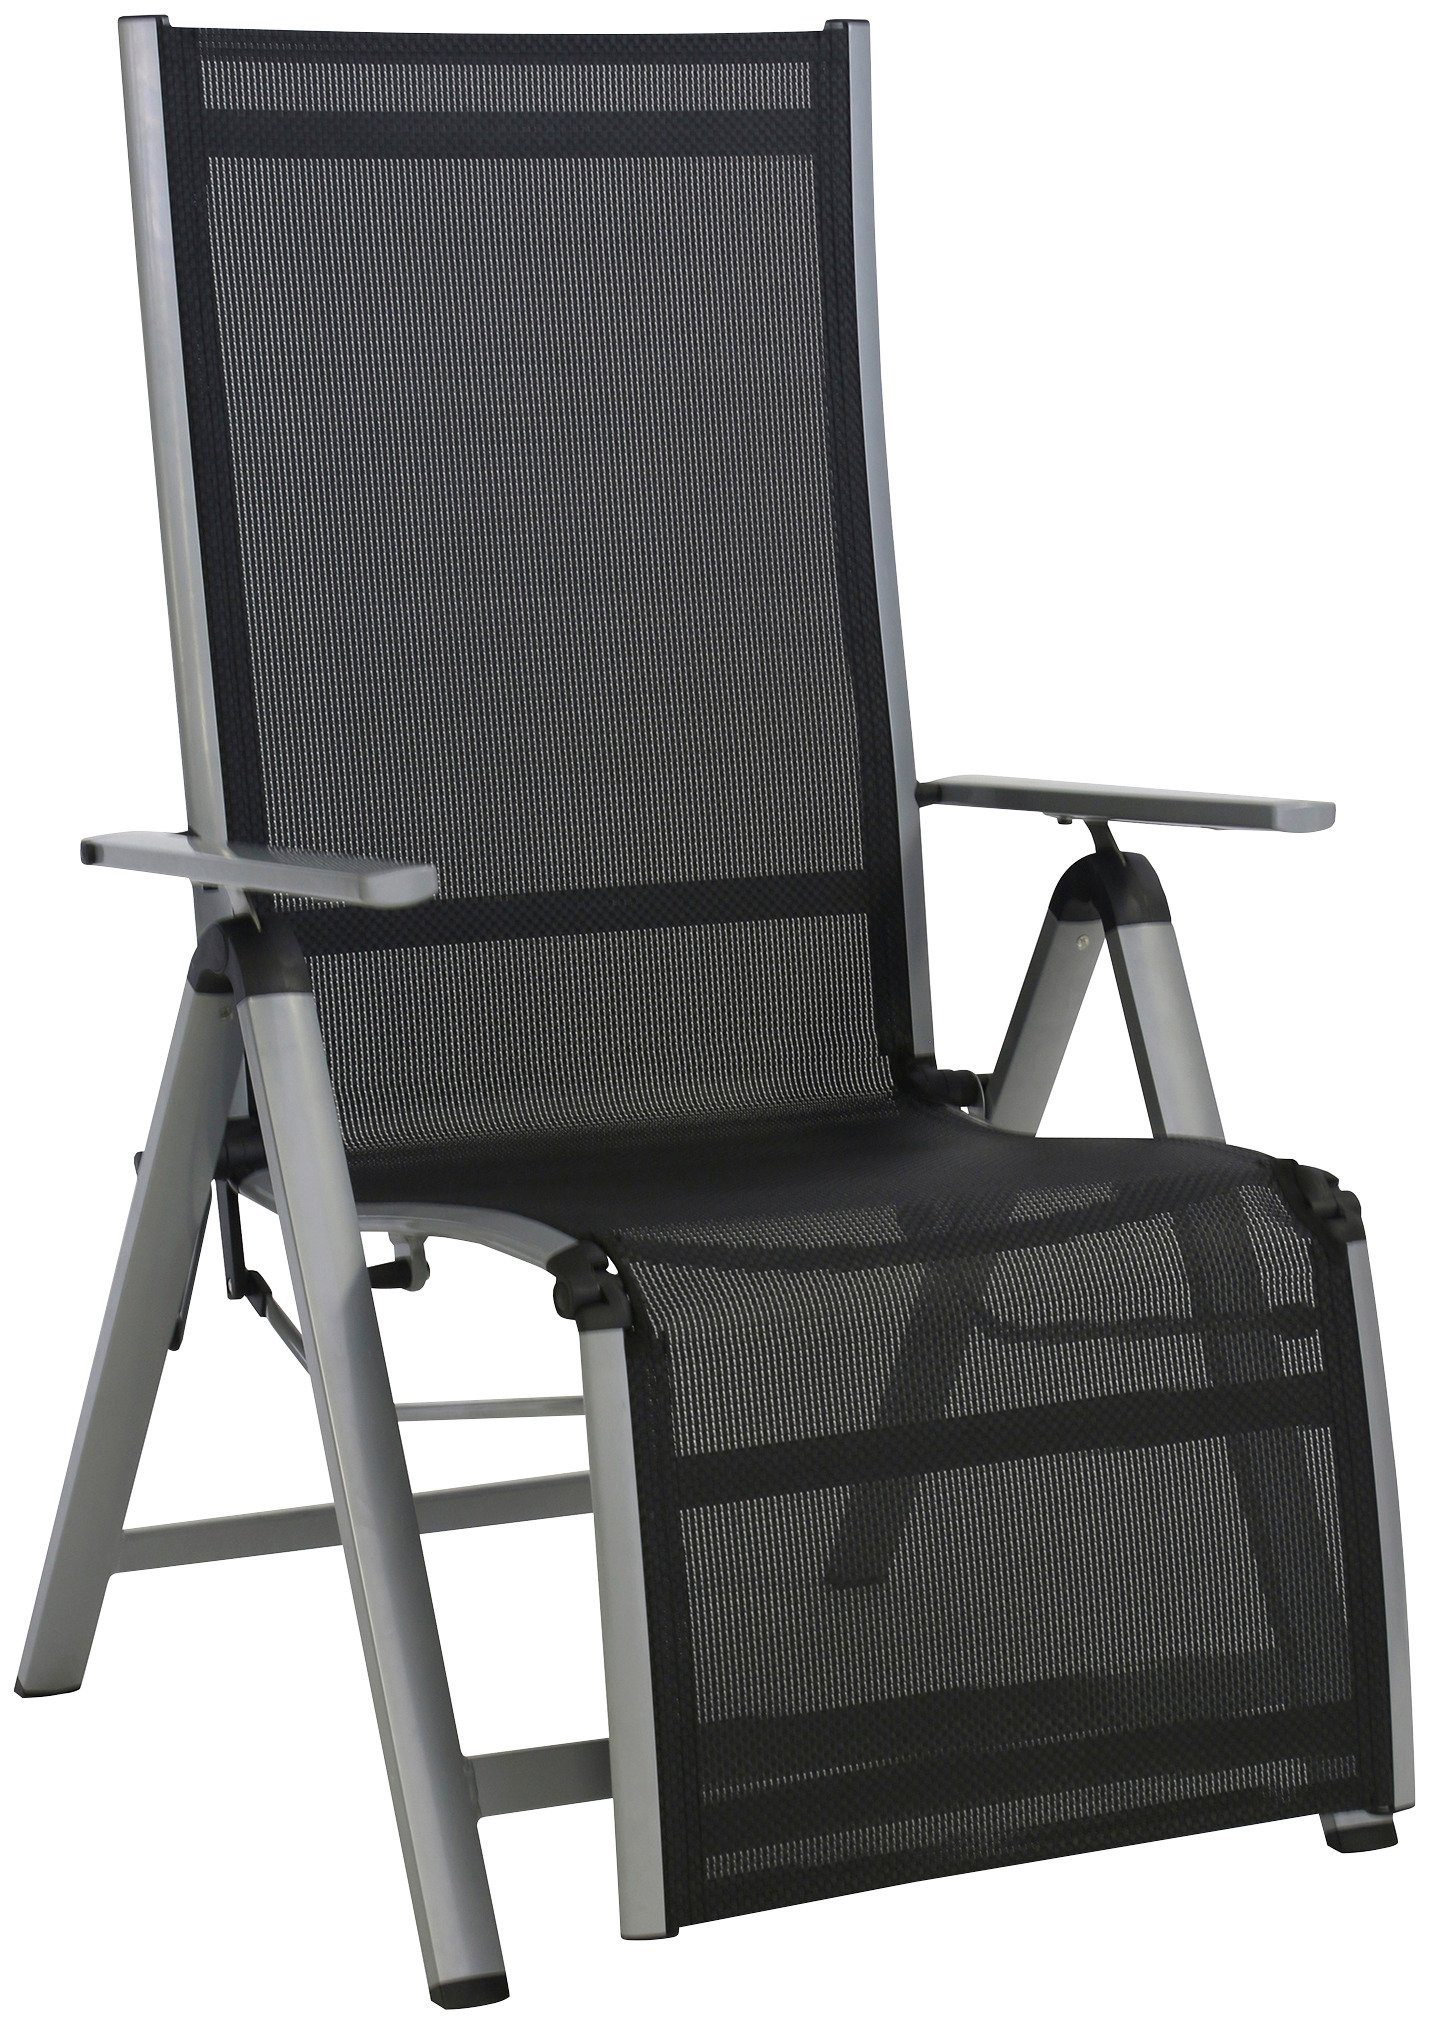 Relaxsessel »Monza Comfort XL«, Alu/Textil, verstellbar, mit Fußteil